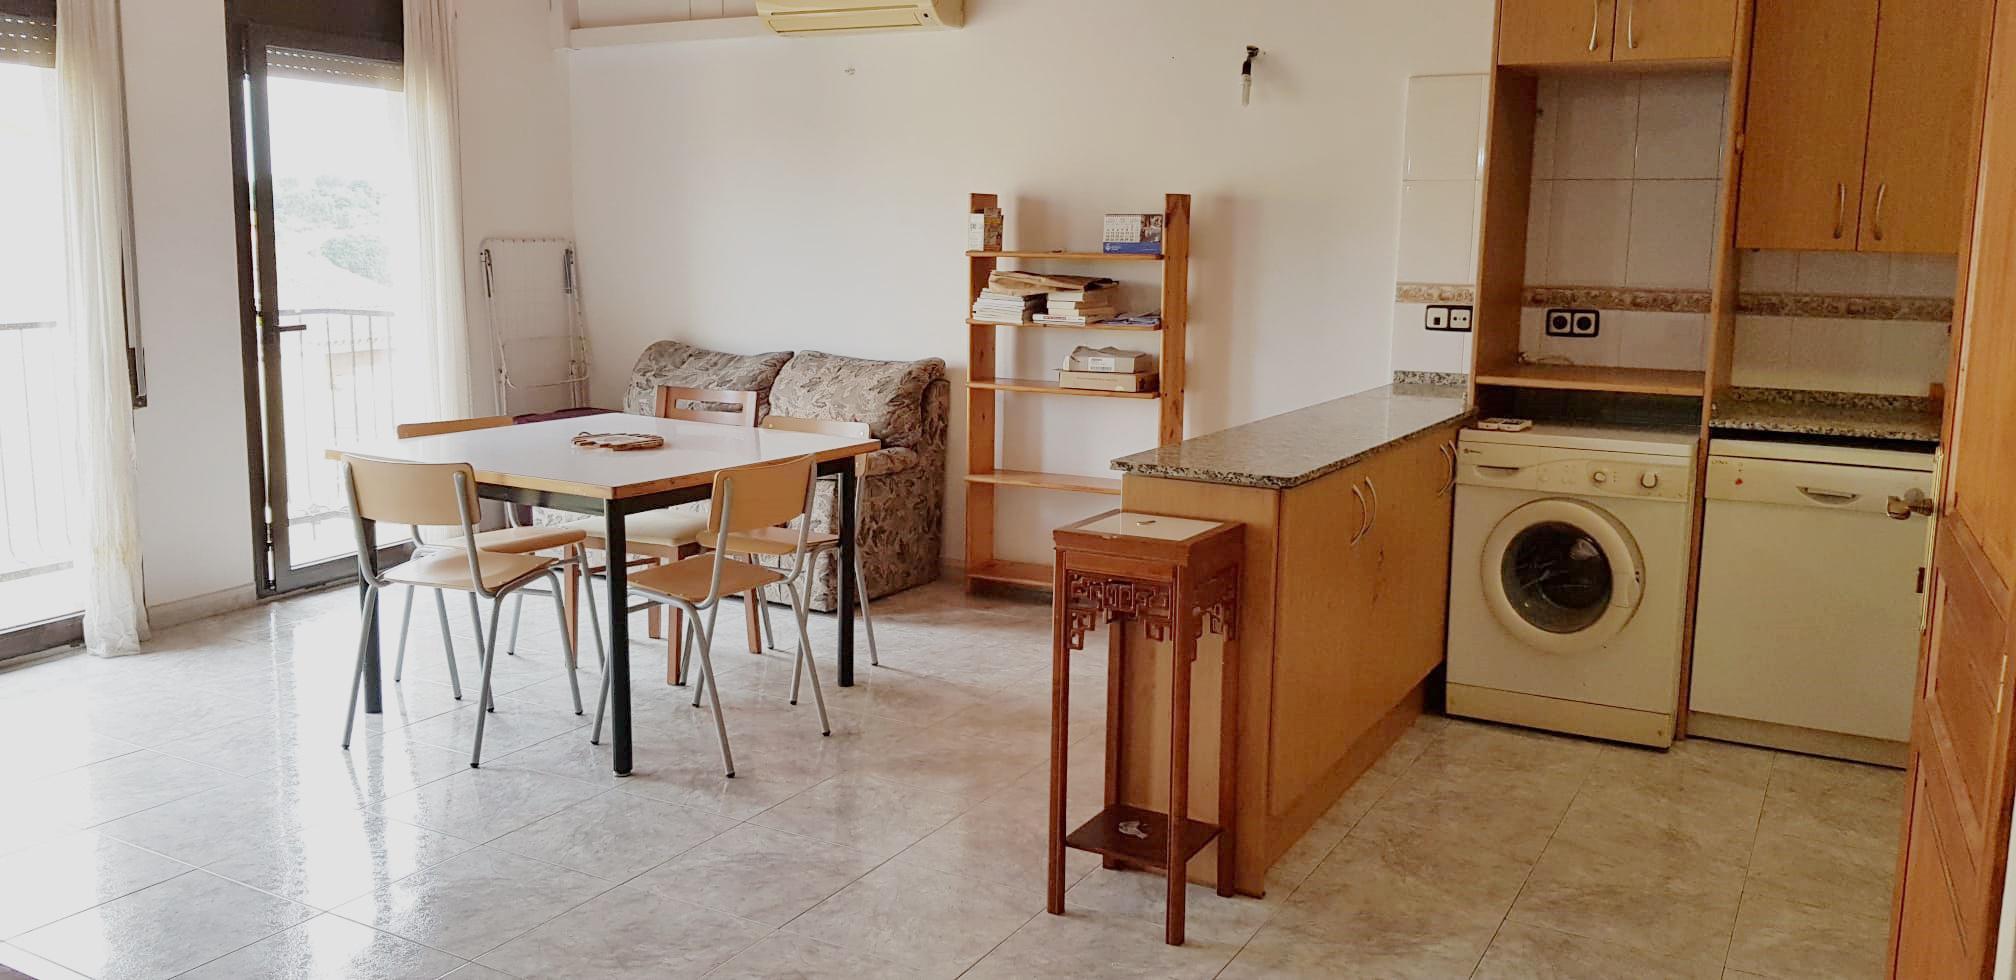 Imagen 1 Casa Adosada en venta en Franqueses Del Vallès (Les) / Corró de Vall  Les Franqueses del Valles